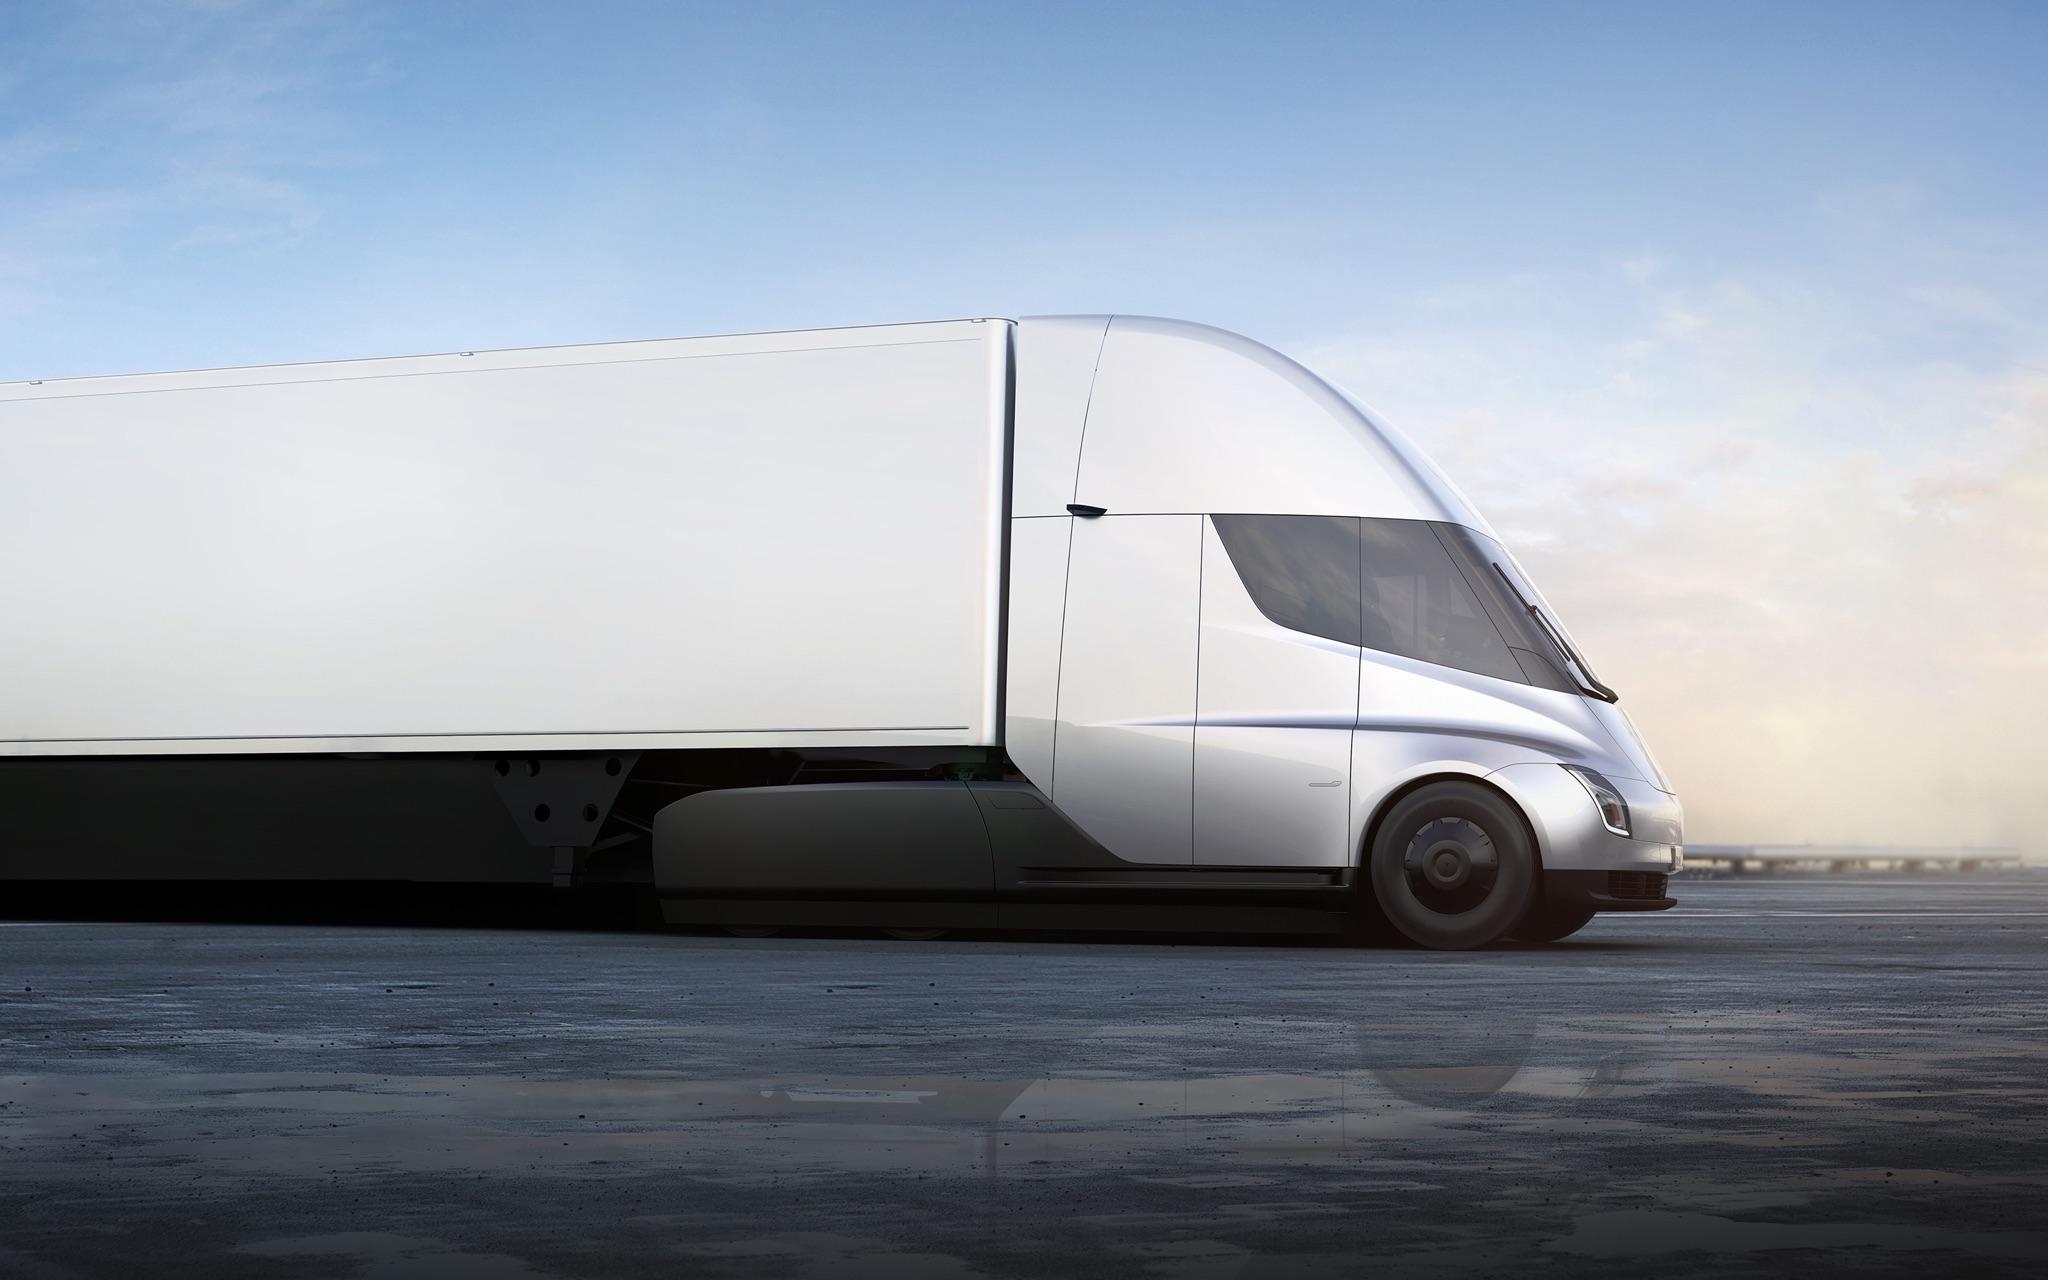 Kamiony Semi dokáží s plným, 40tunovým nákladem zrychlit z 0 na přibližně 100 km/h za 20 vteřin